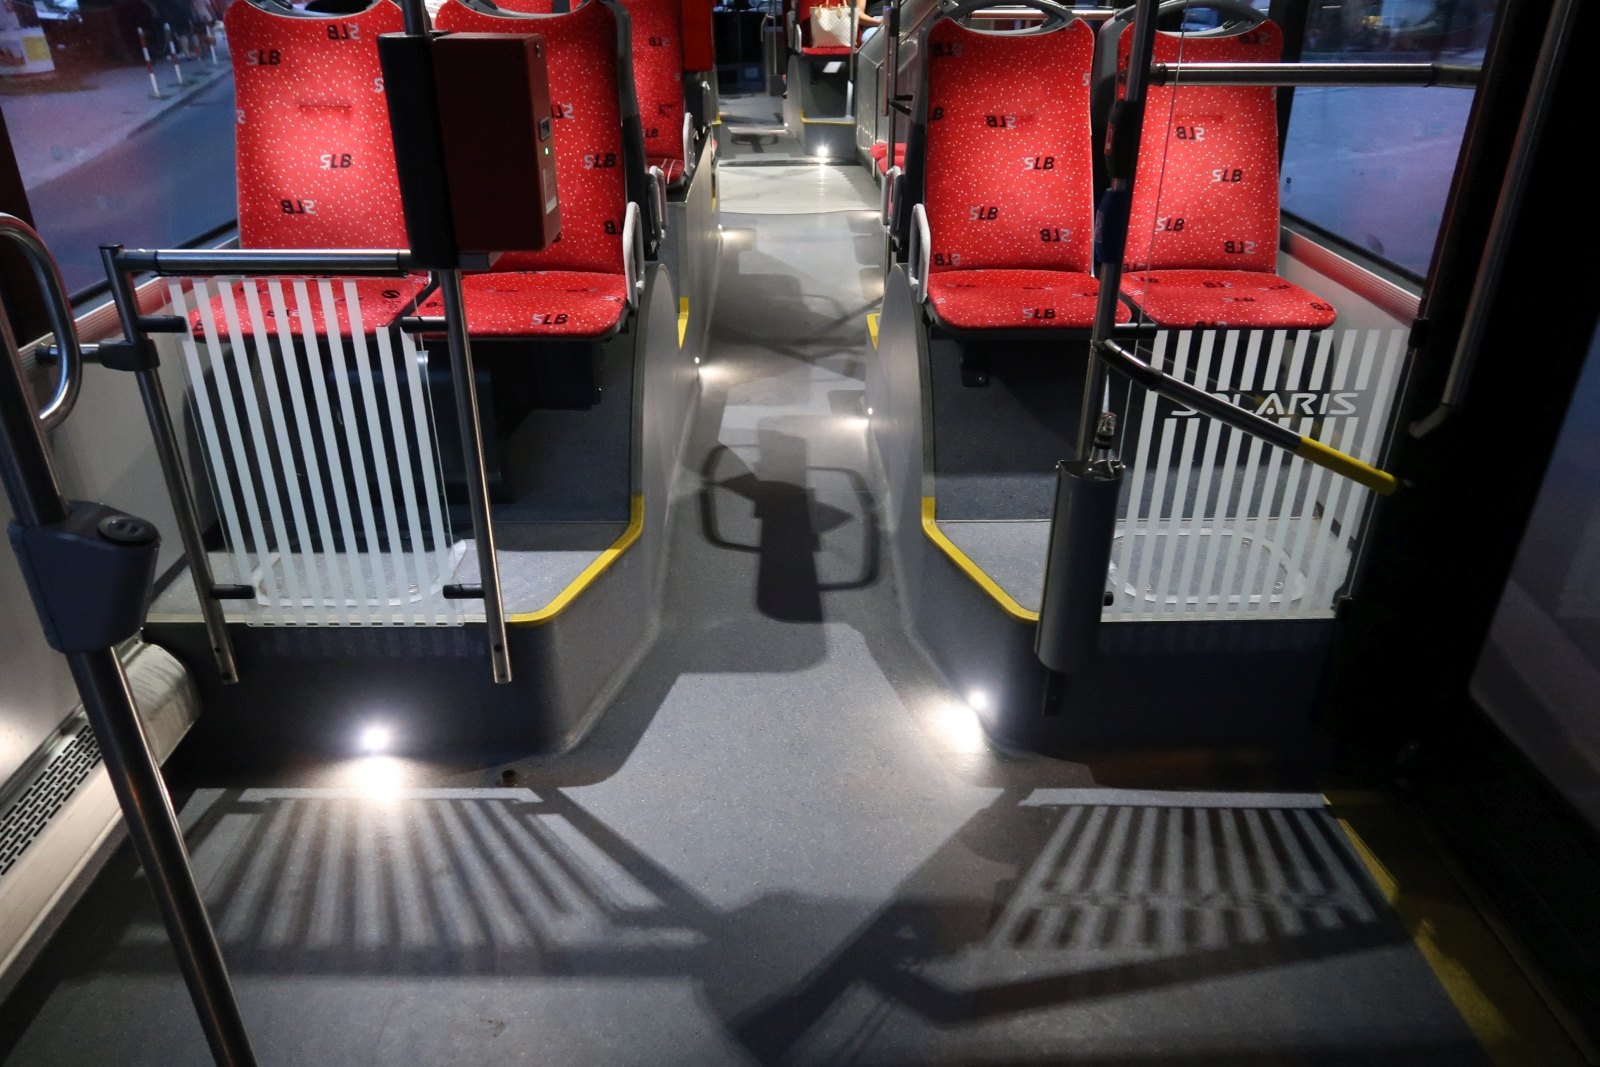 A szpotlámpás, látványos utastérvilágítás a MetroStyle csomag része.